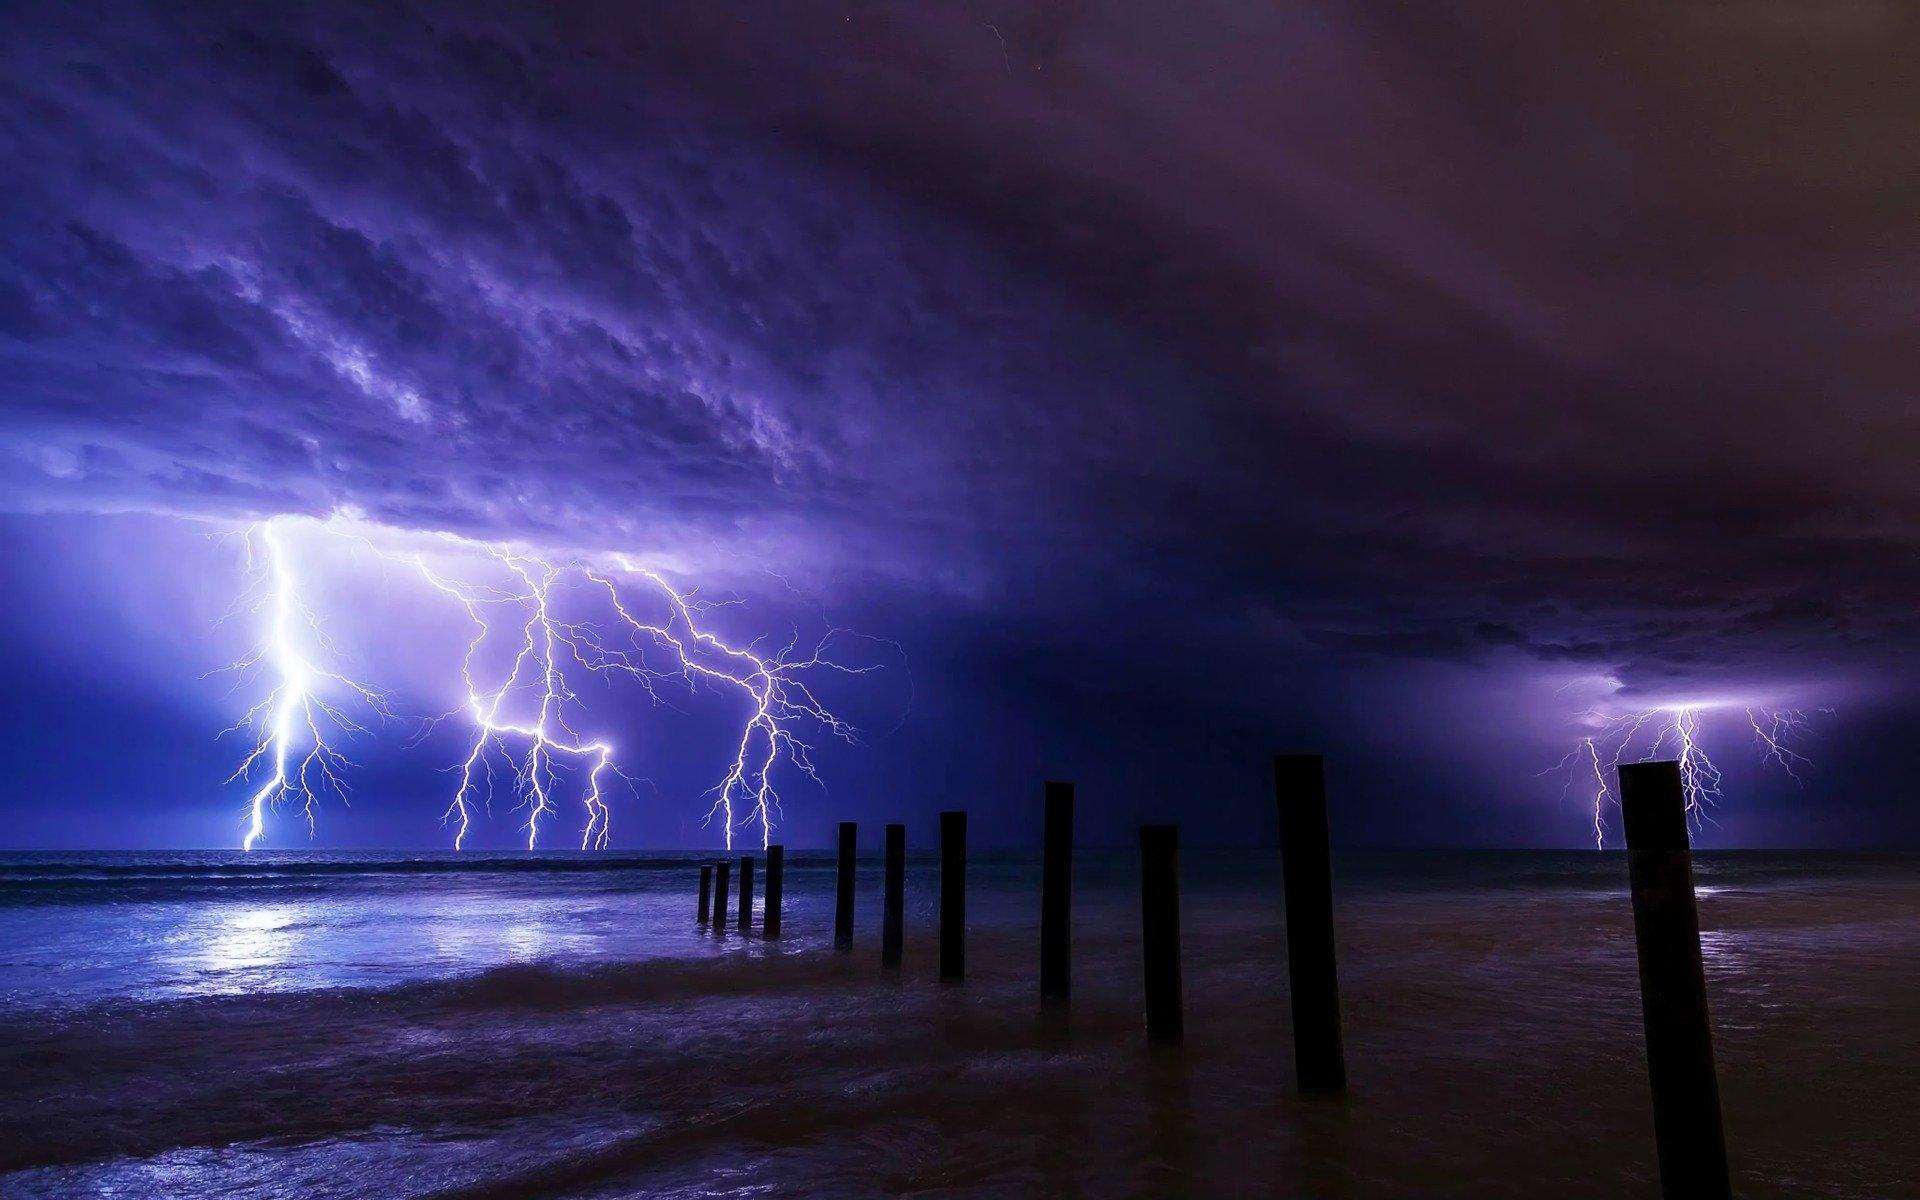 Beach Thunderstorm Wallpaper: Beach Storm HD Wallpaper